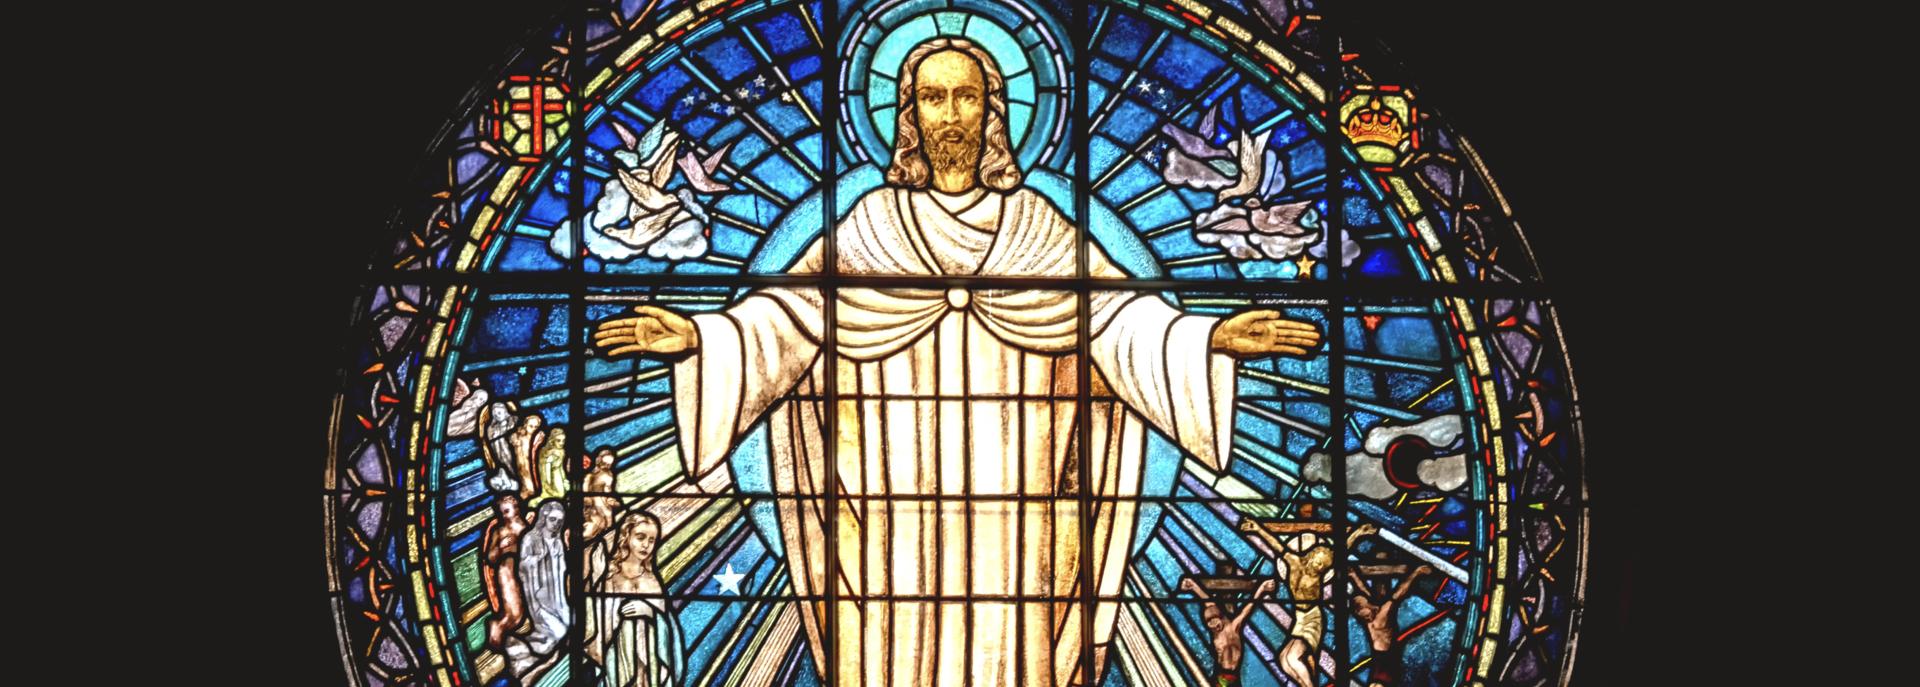 Alla Famiglia di San Giovanni di Dio: l'augurio di una Buona Pasqua dal Superiore Generale